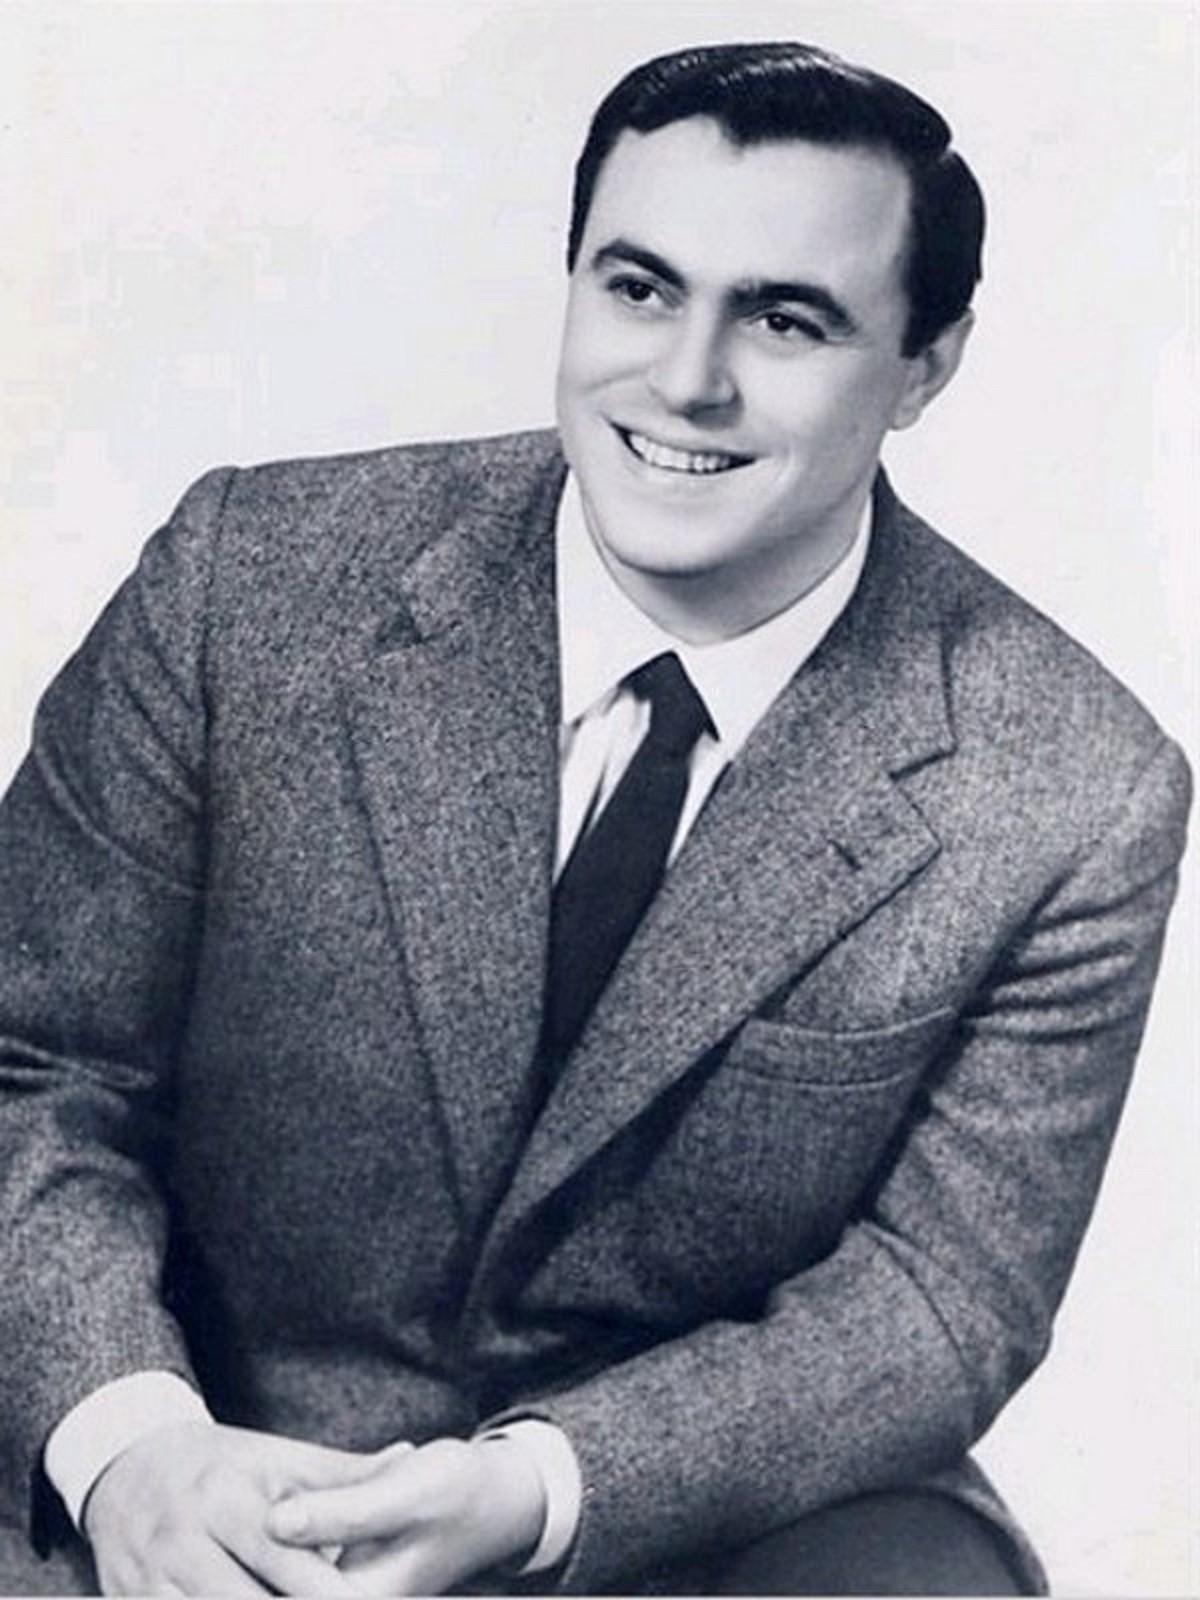 Luciano Pavarotti giovane